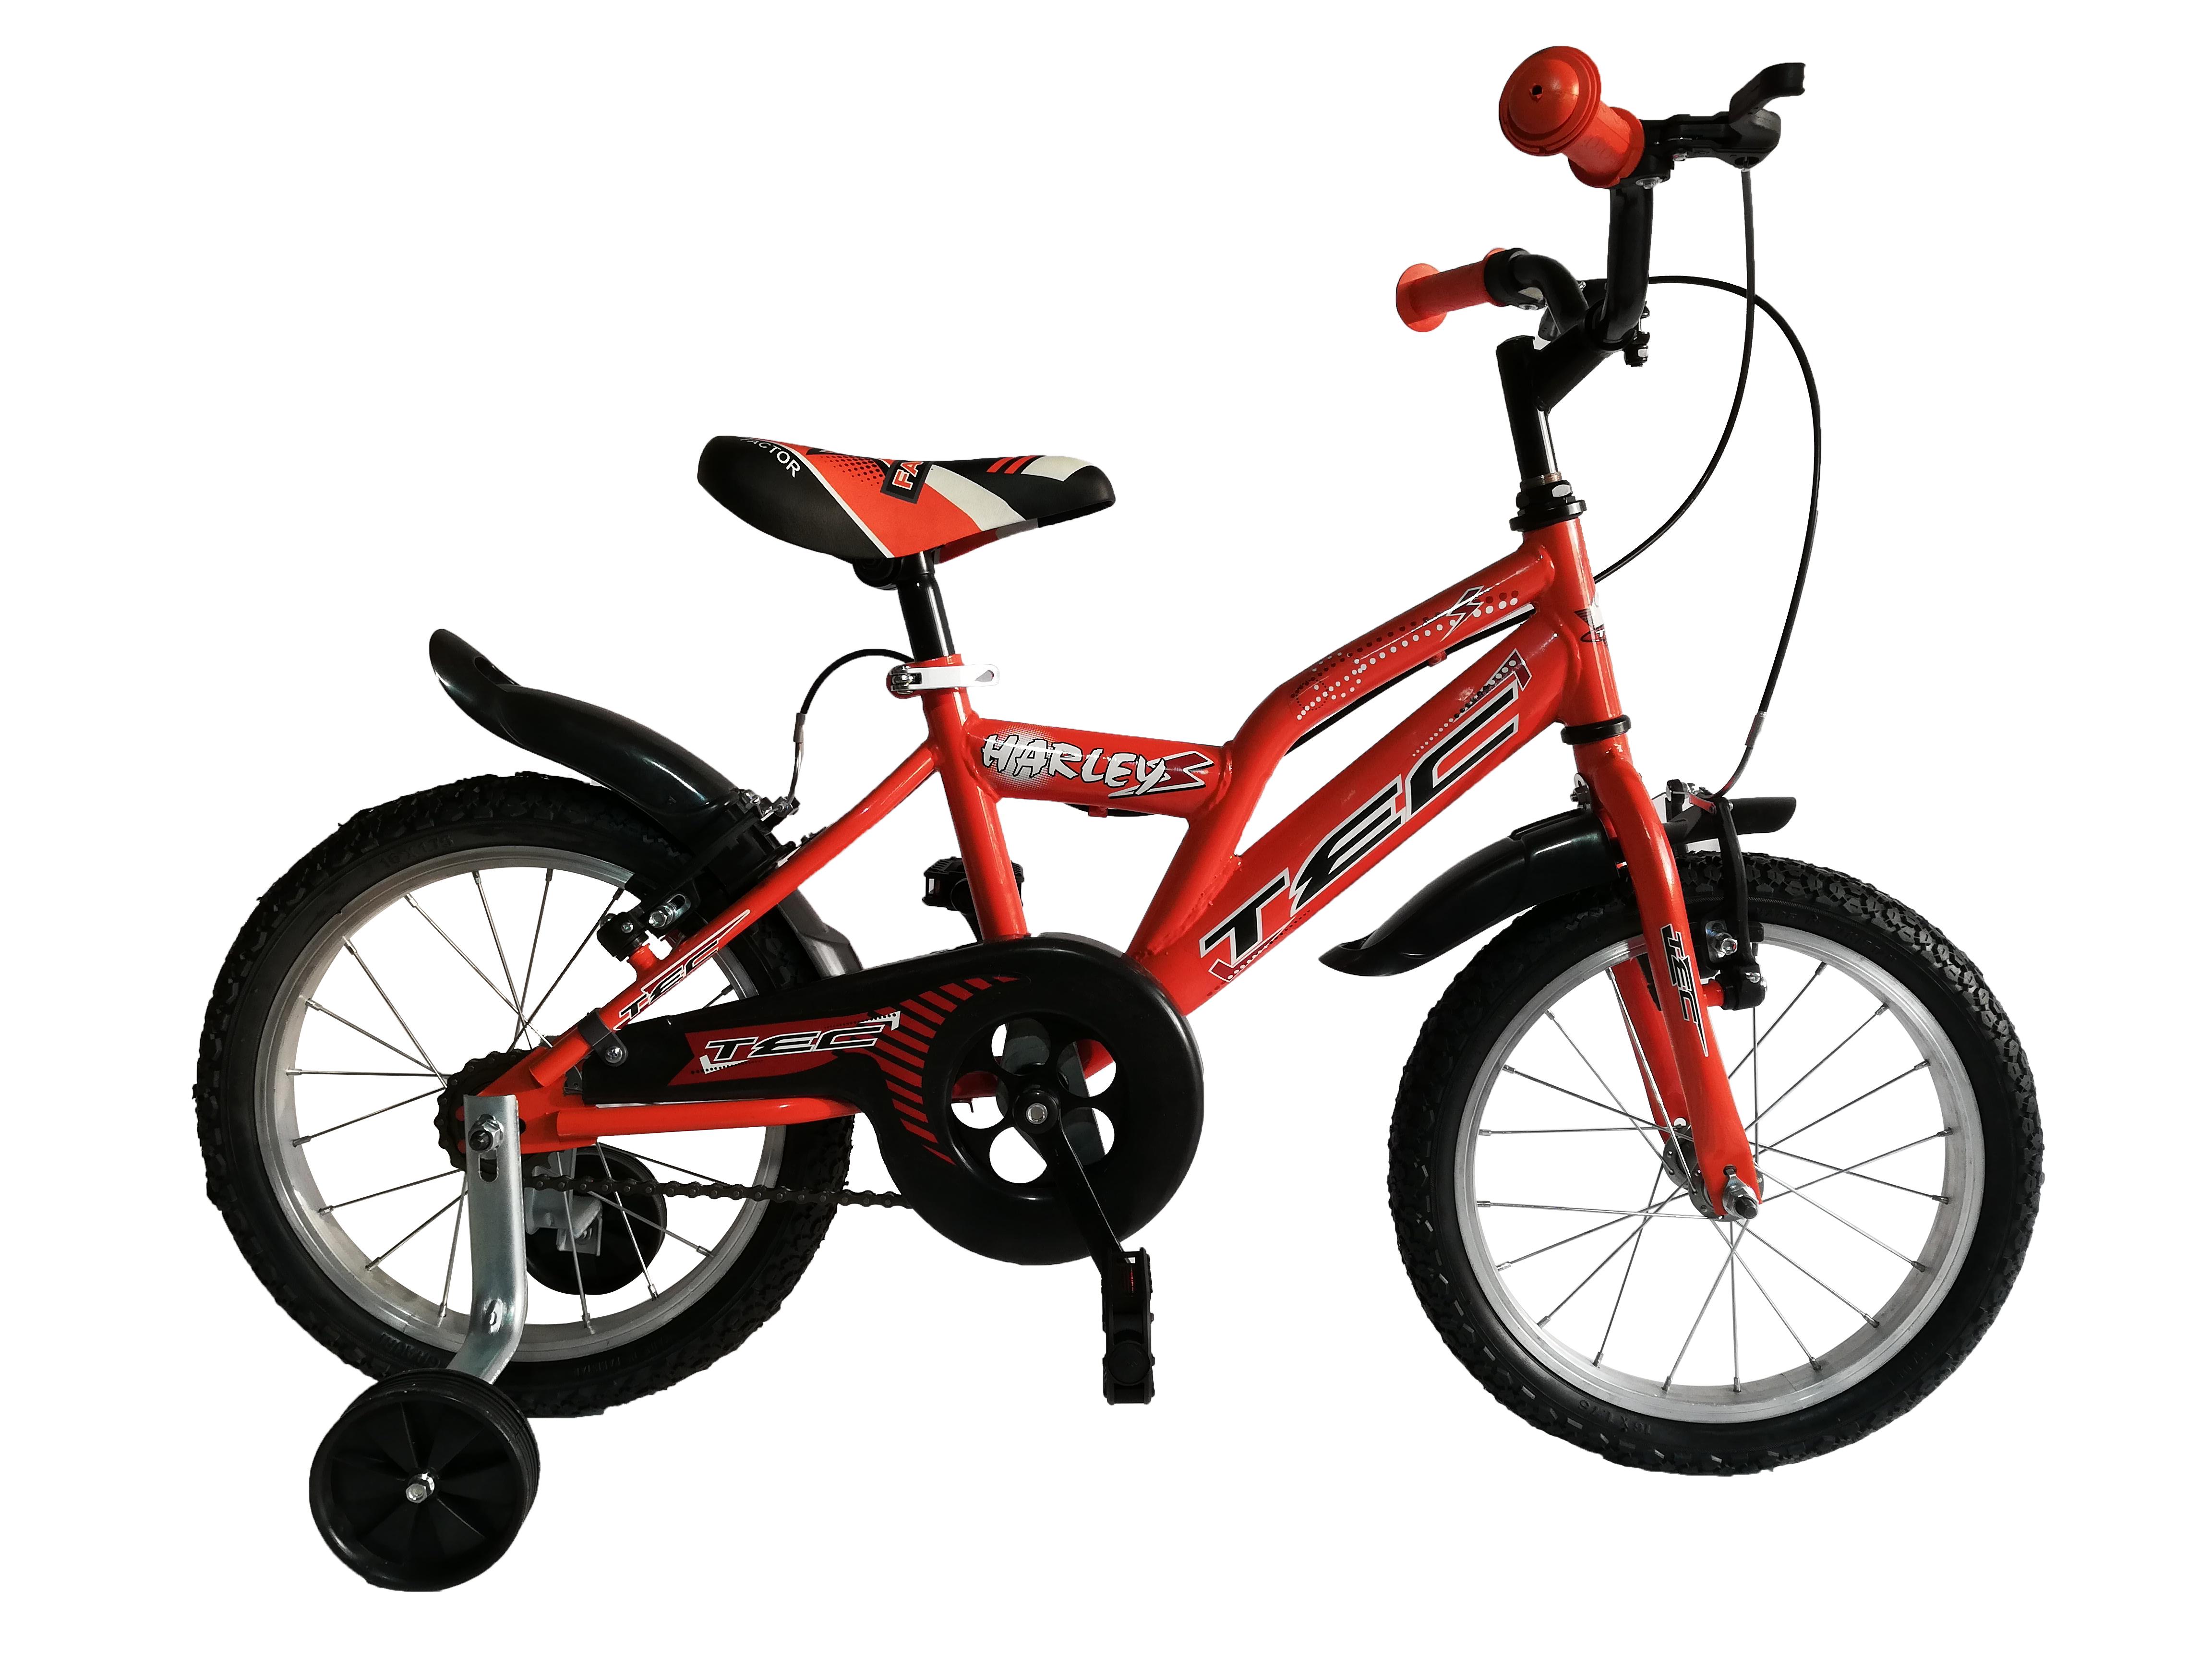 """Bicicleta Copii TEC Harley Culoare Portocaliu Roata 16"""" Otel [0]"""